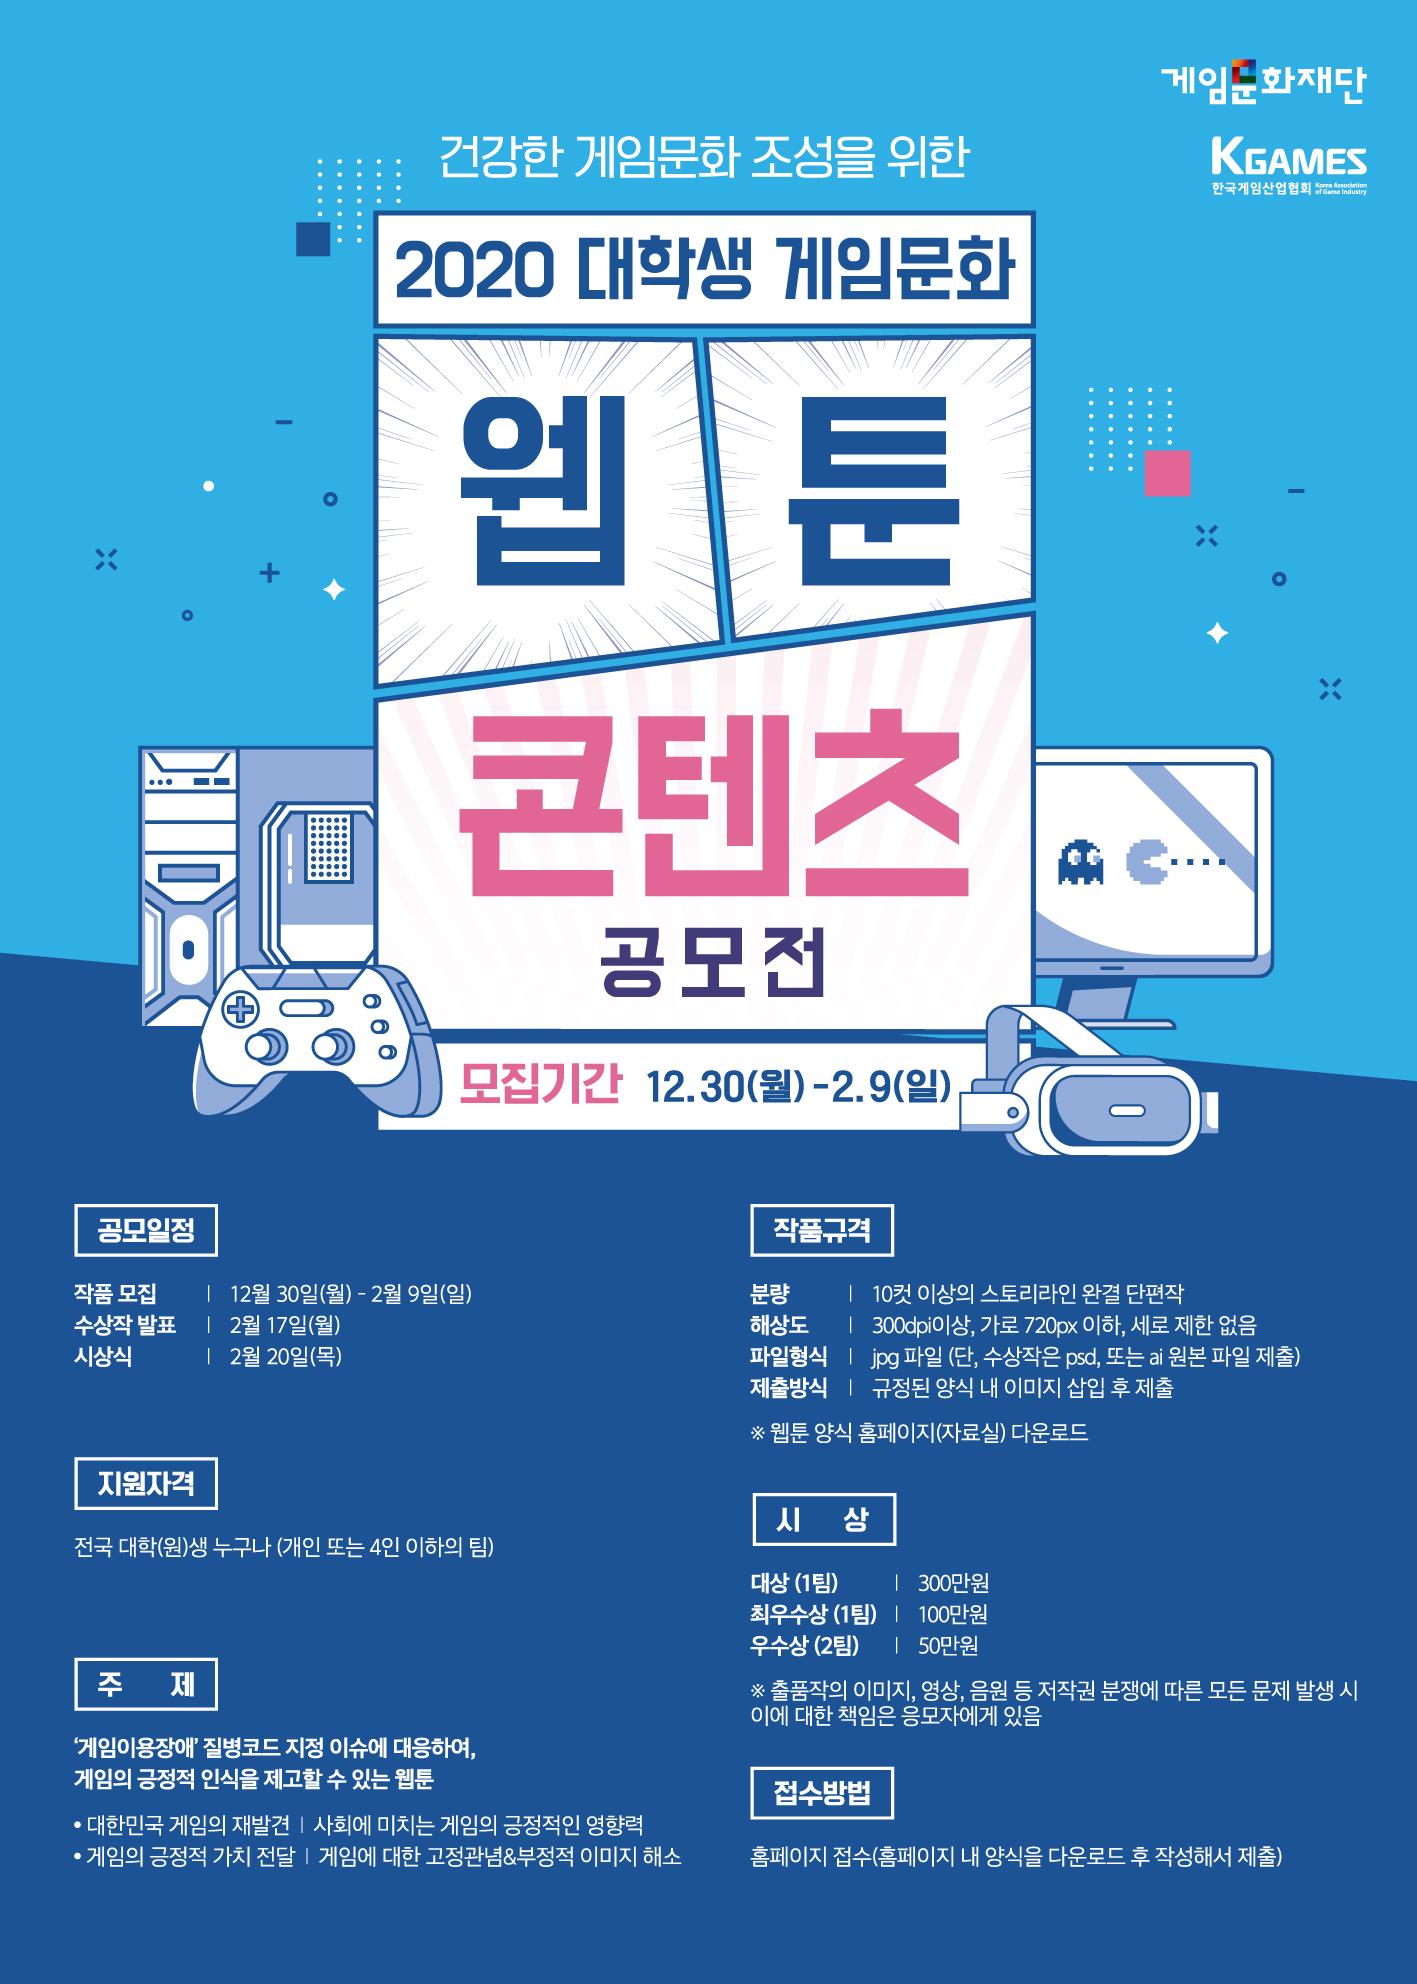 한국게임산업협회 2020 대학생 게임문화 웹툰 컨텐츠 공모전